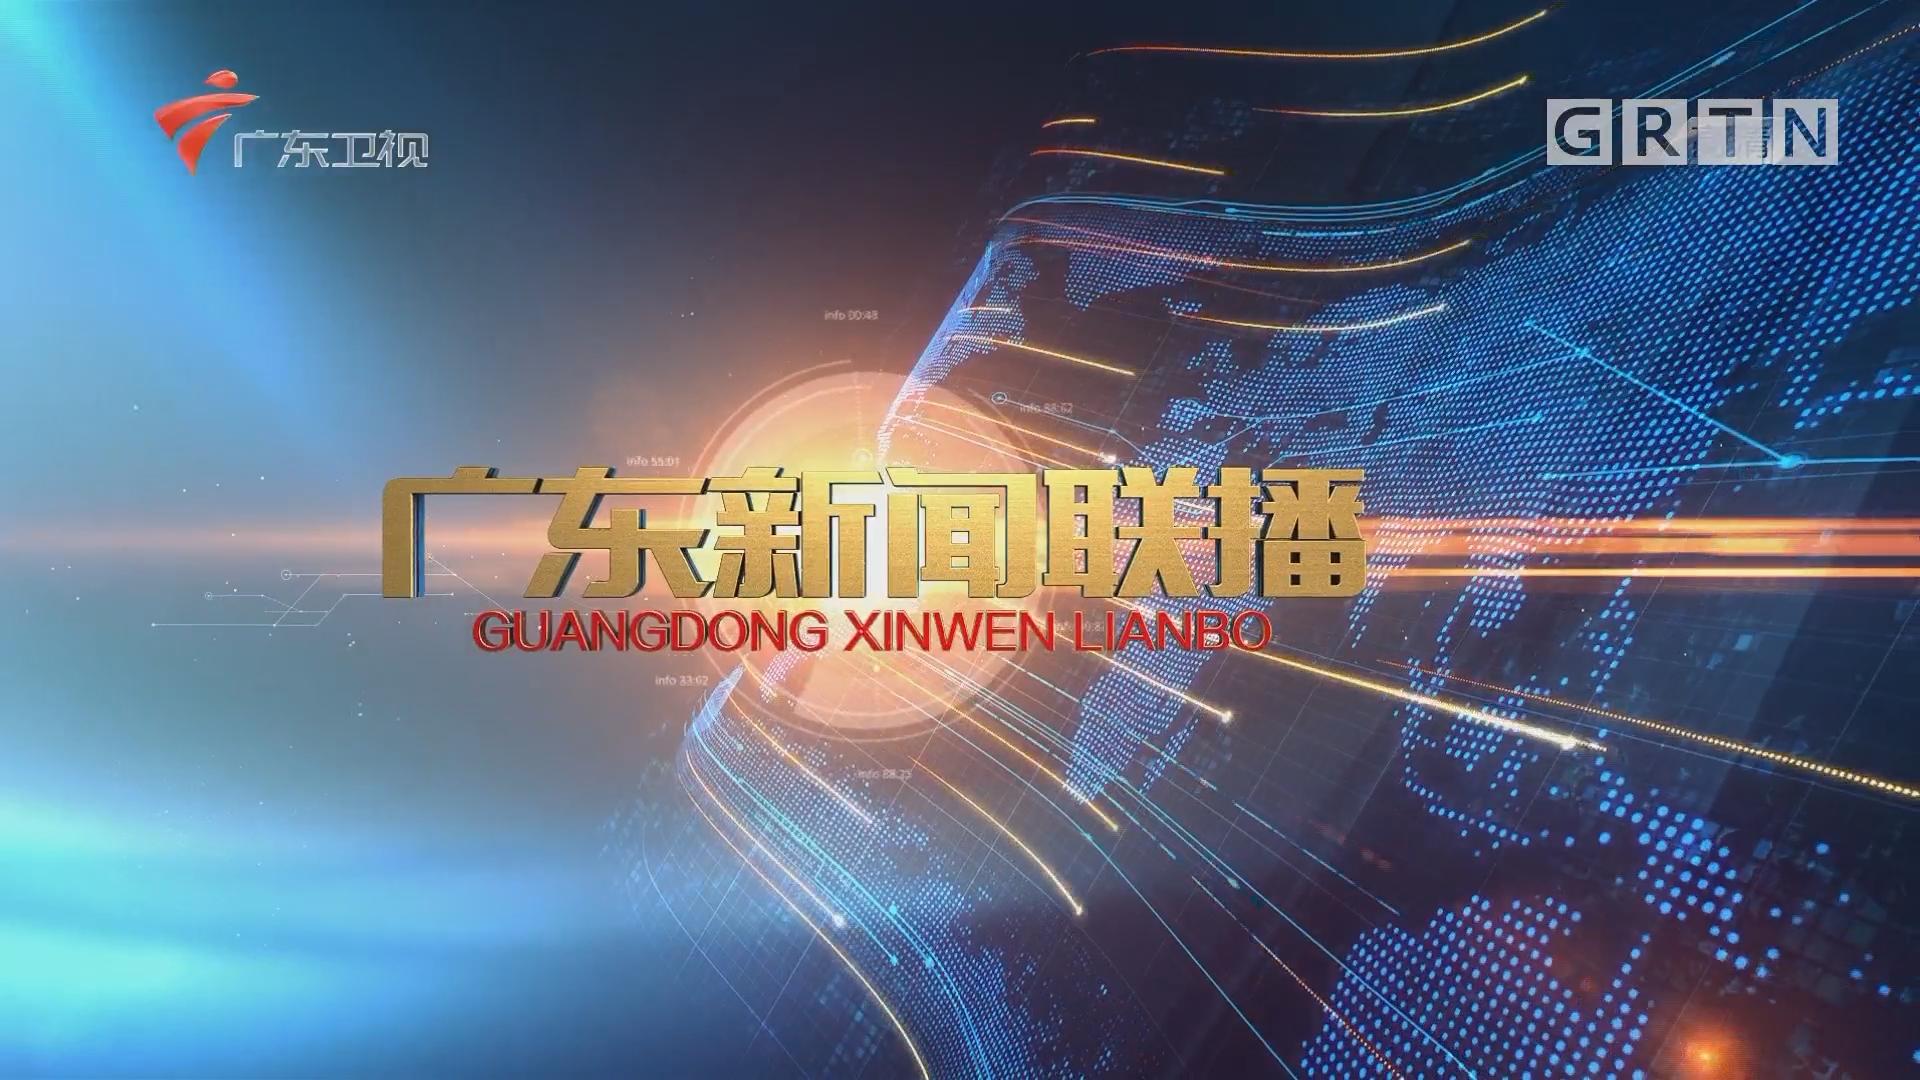 [HD][2018-05-28]广东新闻联播:纪念马克思诞辰200周年专题研讨会在深圳开幕